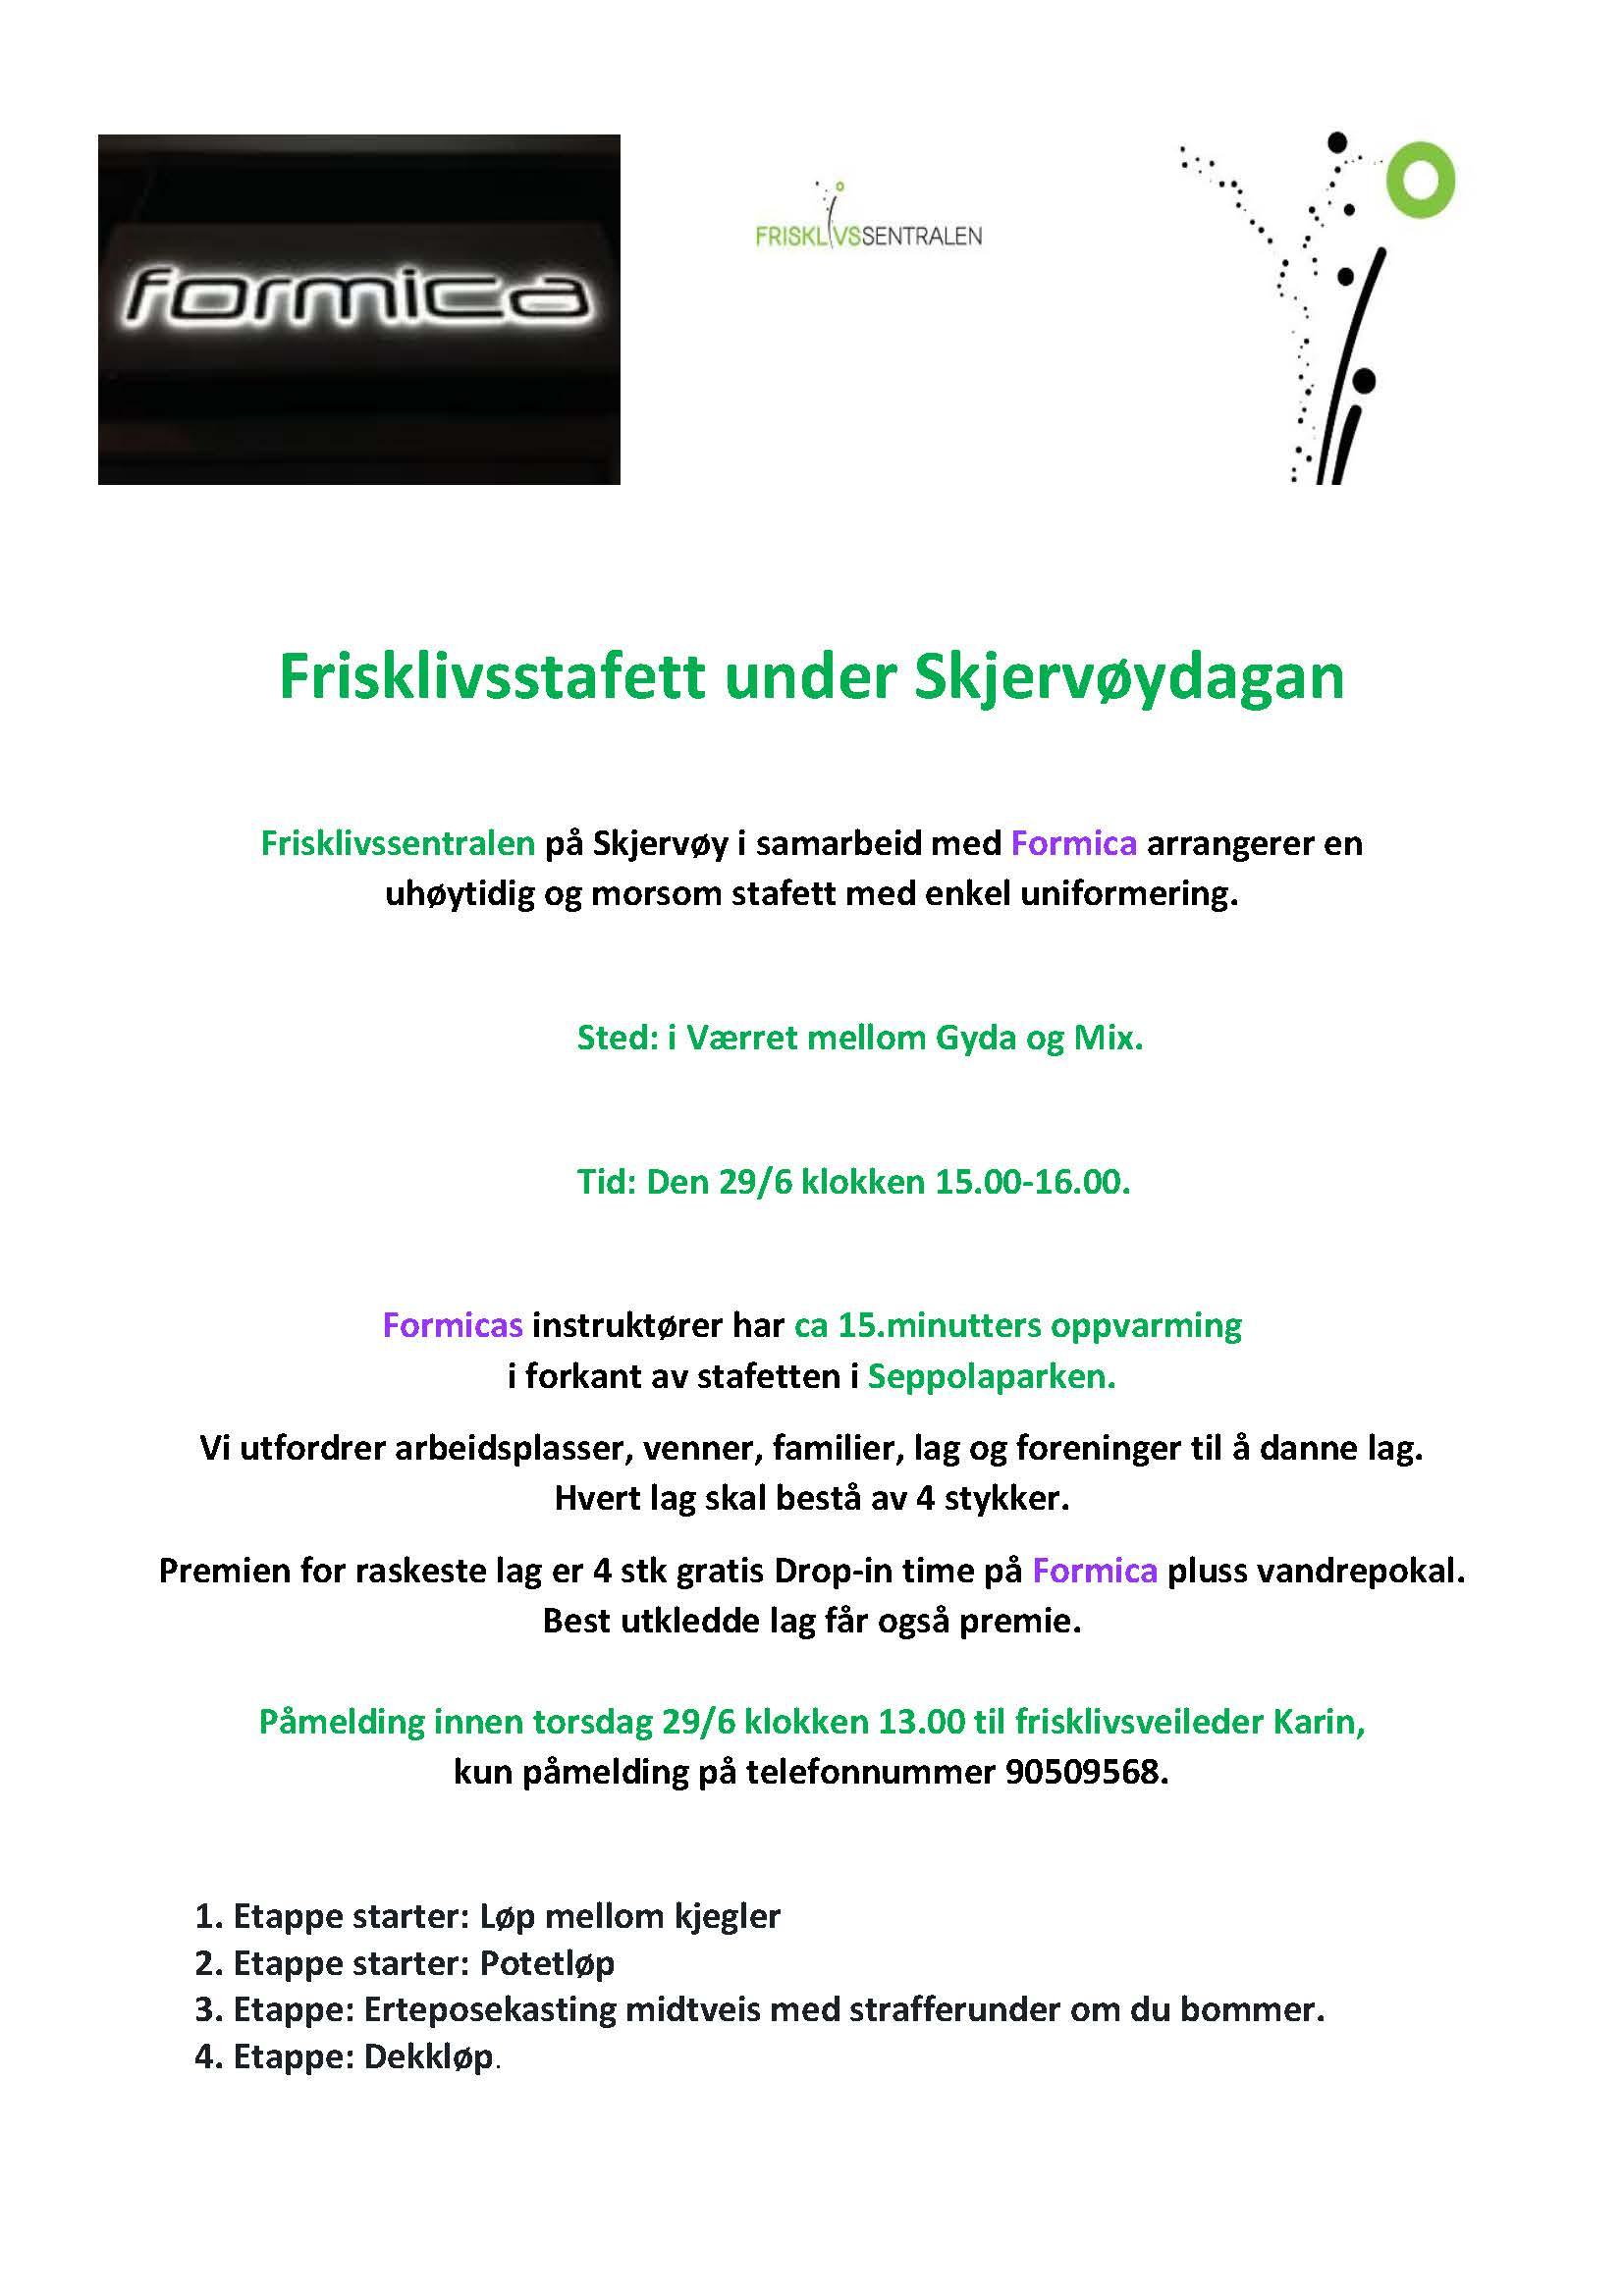 frisklivsstafett plakat2017.jpg